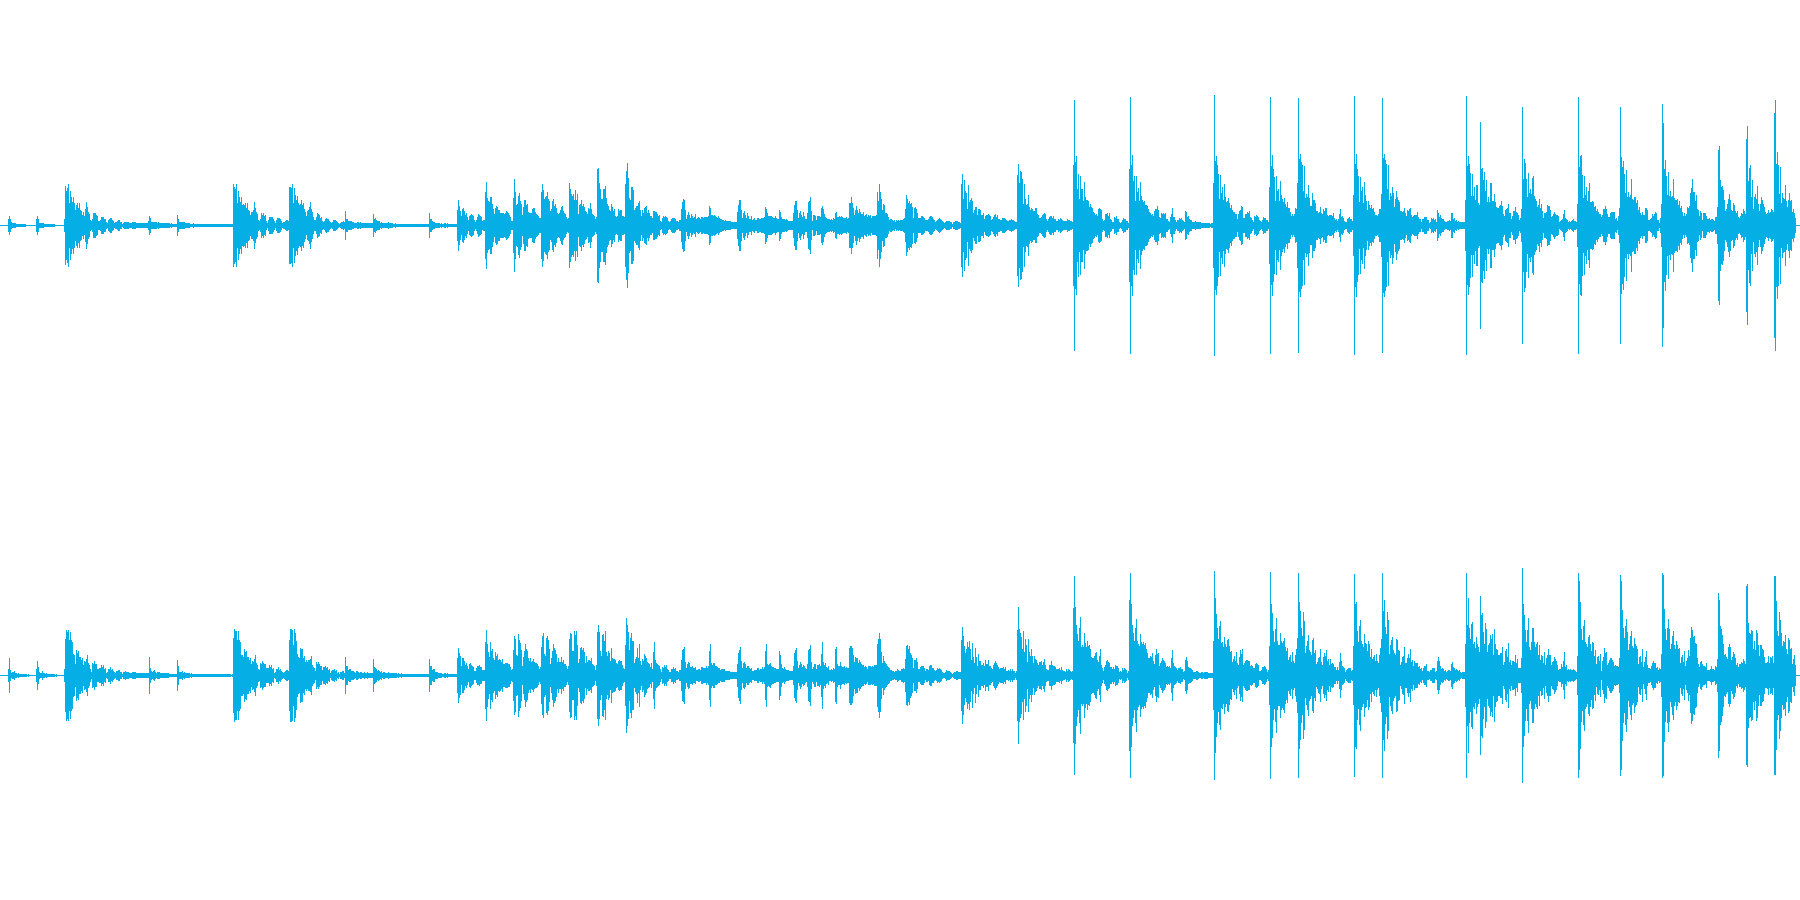 和太鼓のみのリバーブなしのループ音源バ…の再生済みの波形